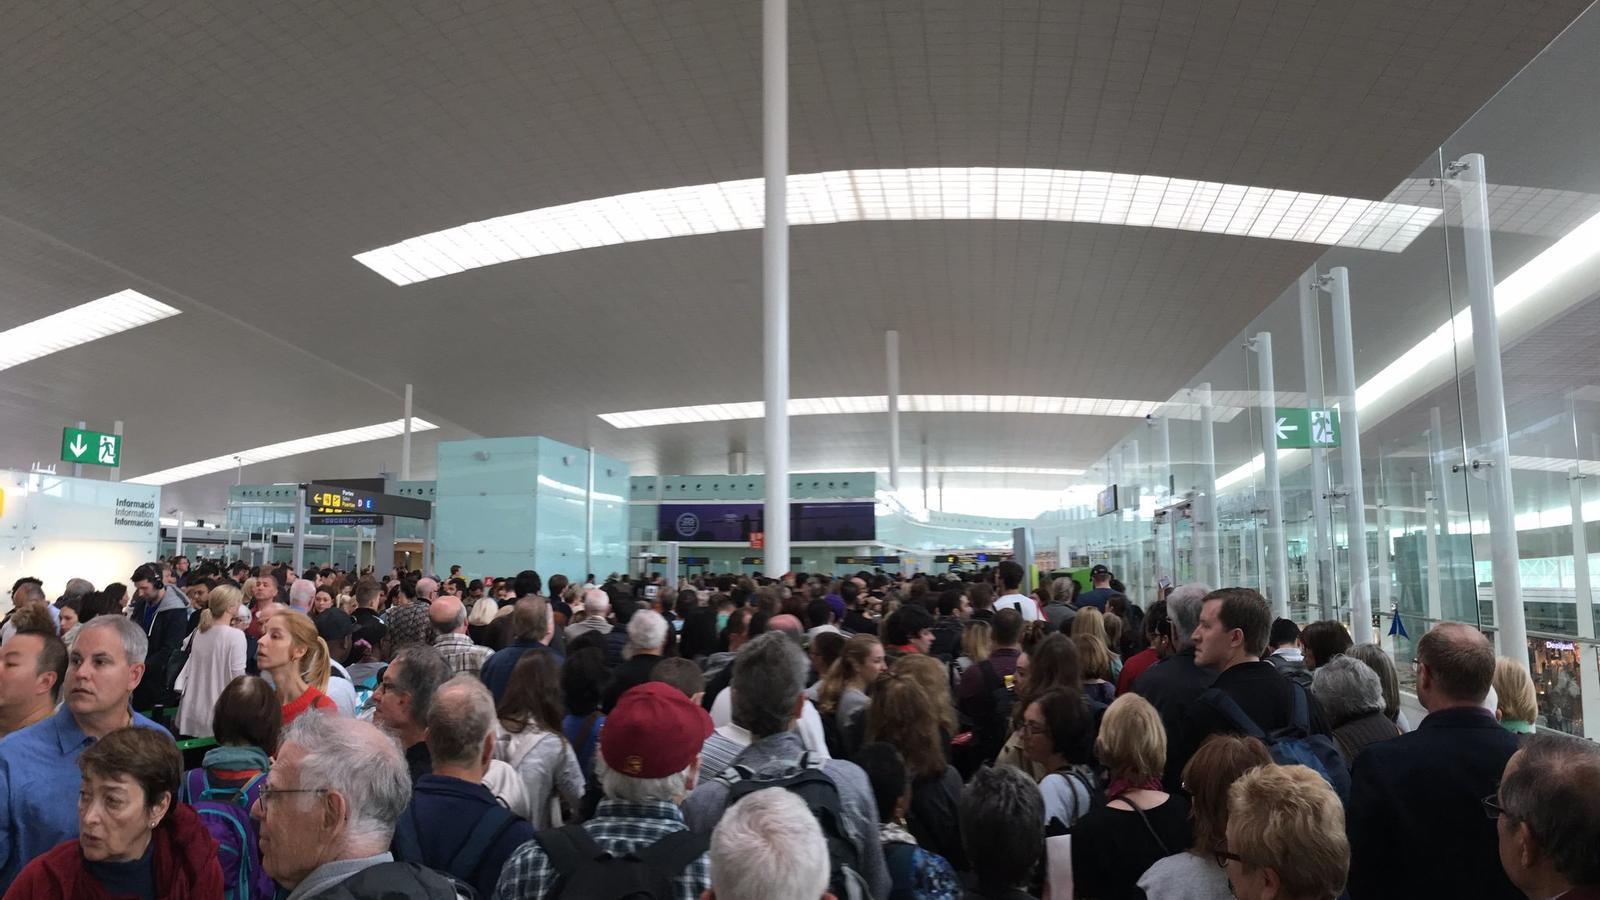 Caos i aglomeracions a l'aeroport del Prat pel nou control de passaports